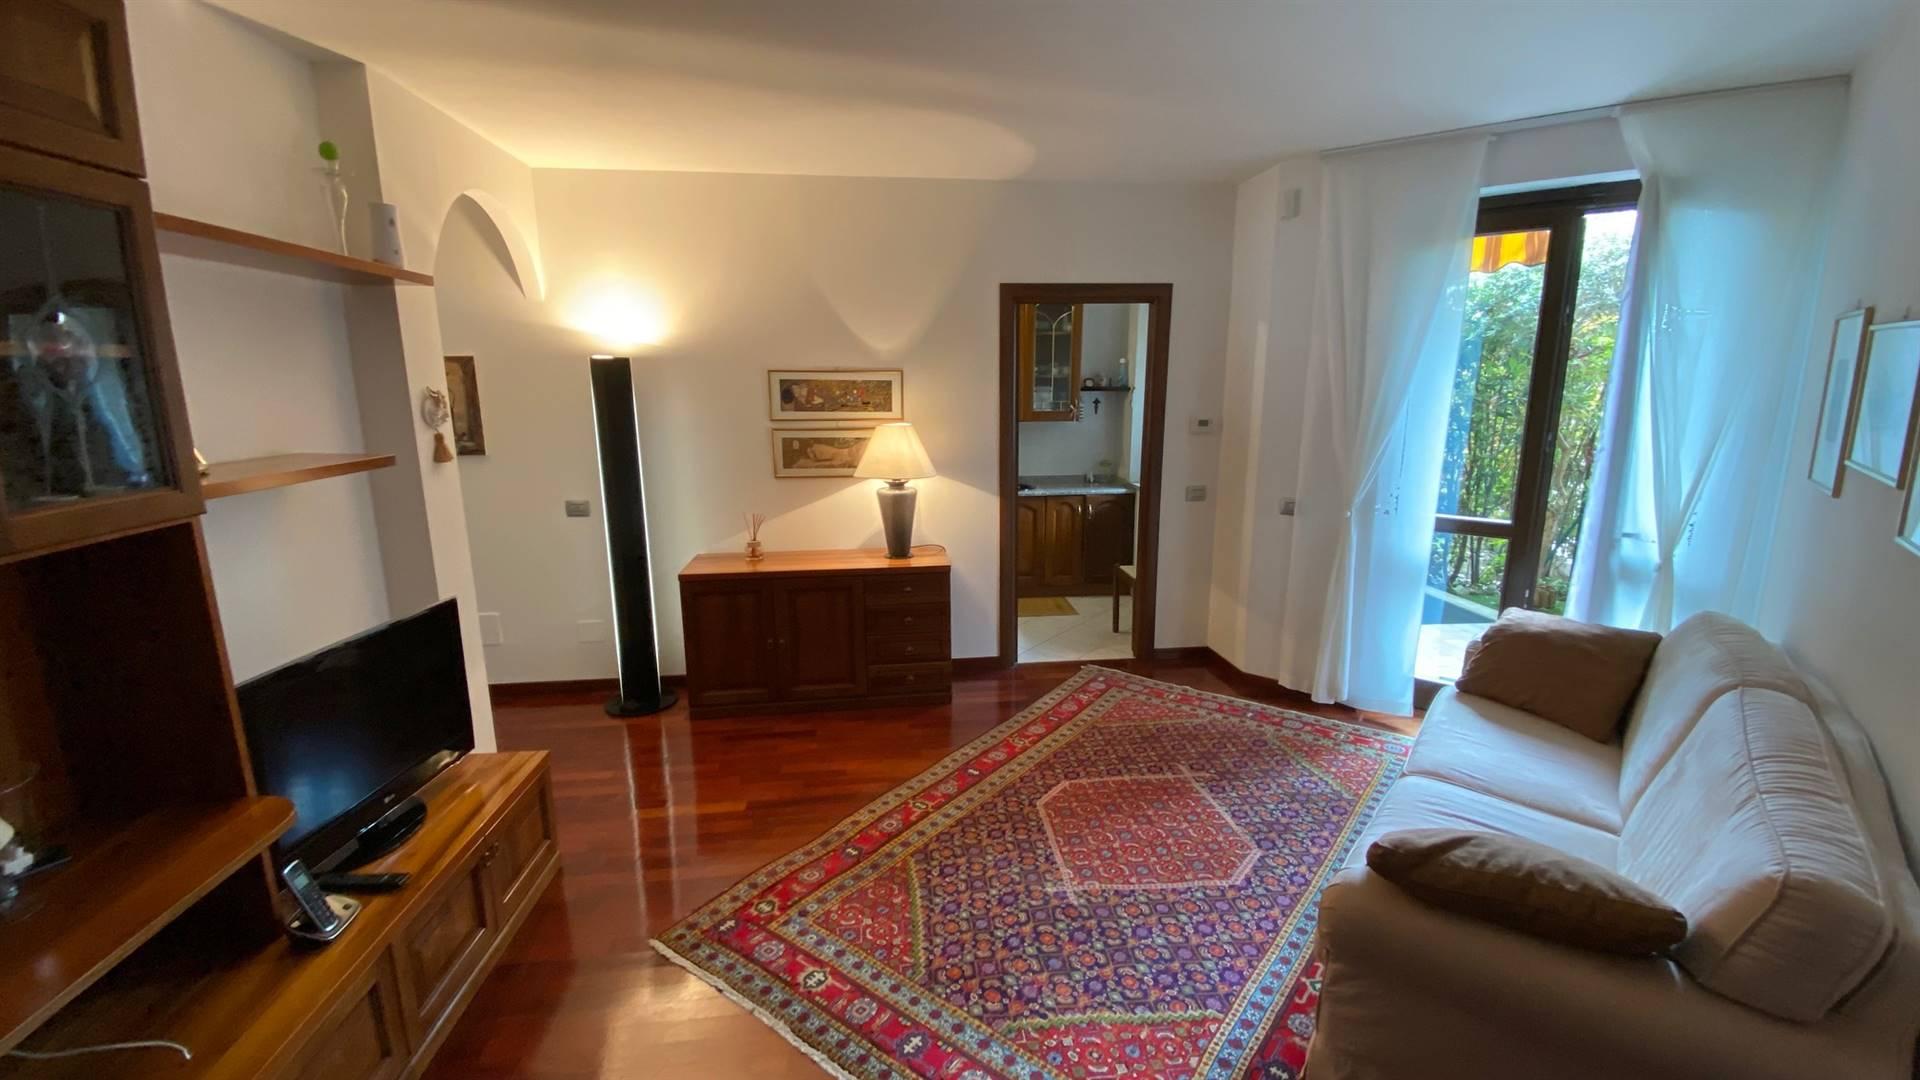 Appartamento in affitto a Solbiate Olona, 2 locali, prezzo € 600 | PortaleAgenzieImmobiliari.it